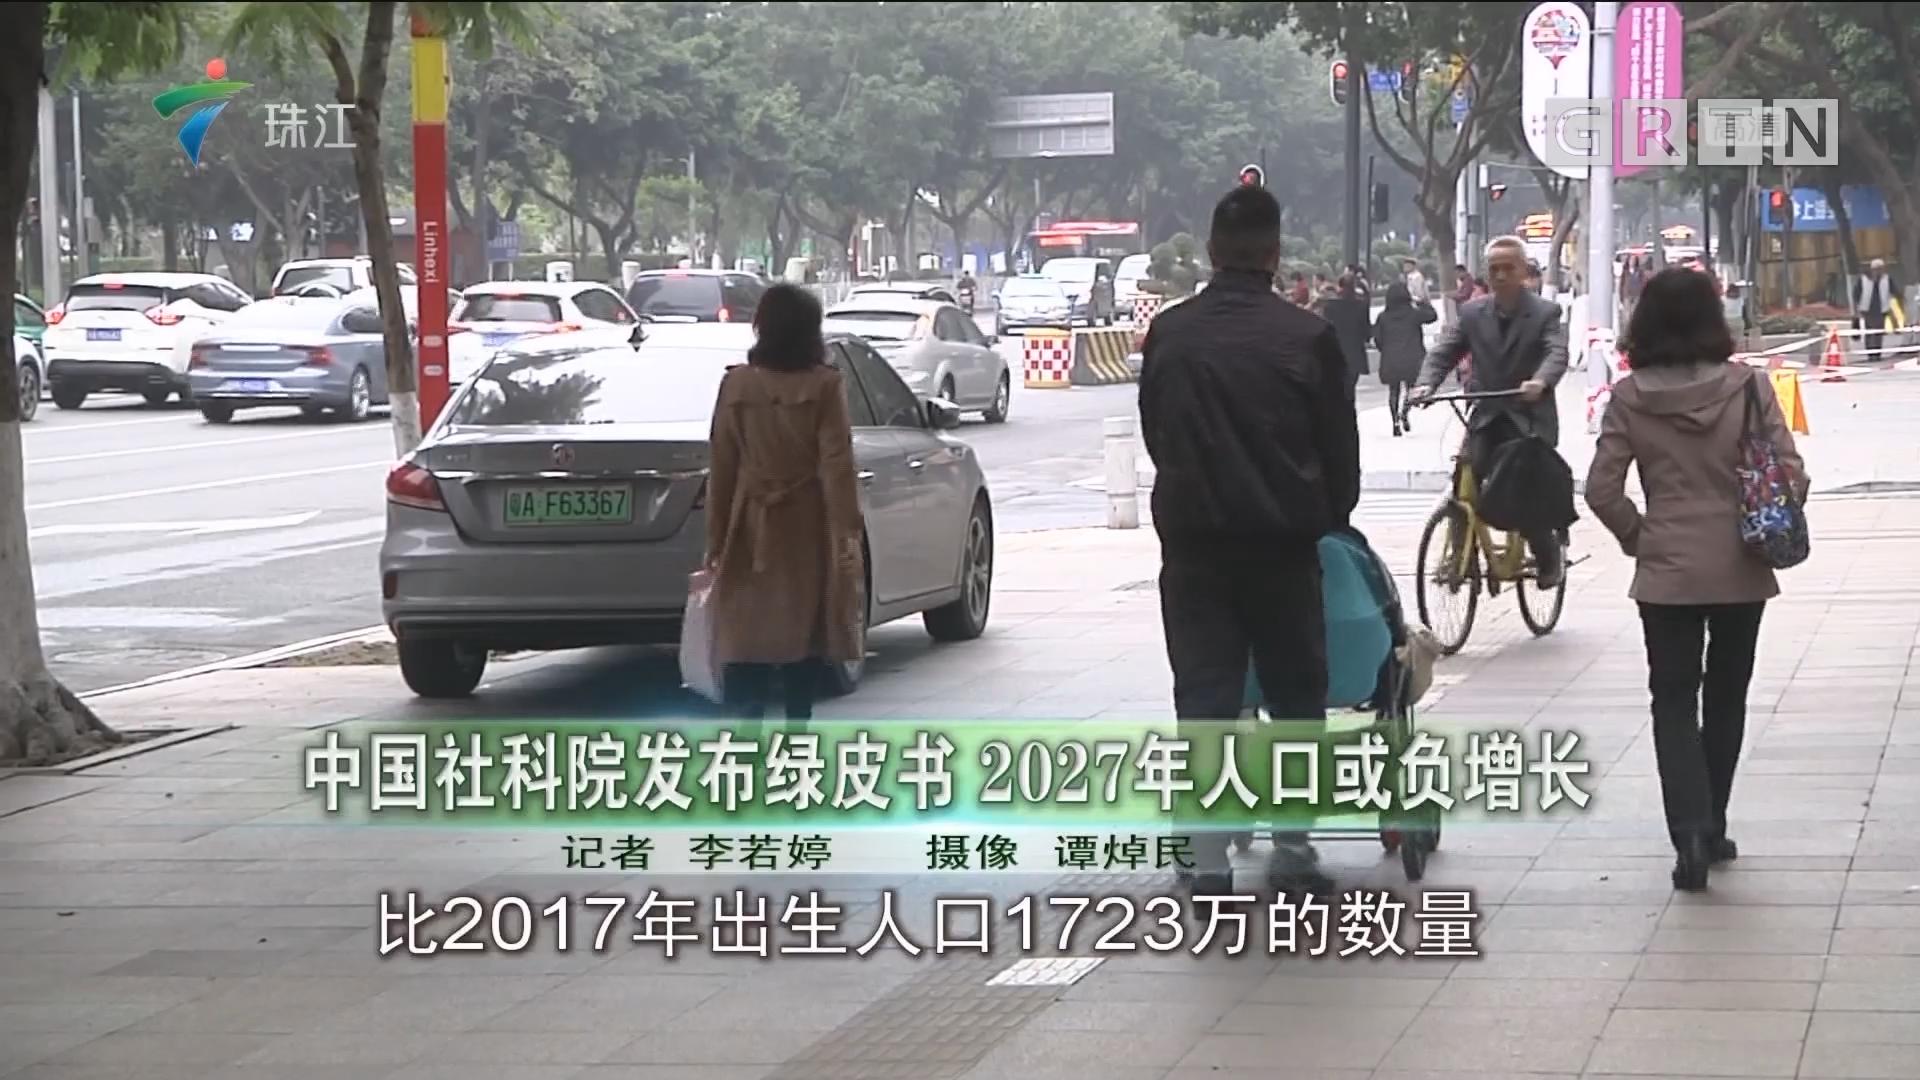 中国社科院发布绿皮书 2027年人口或负增长